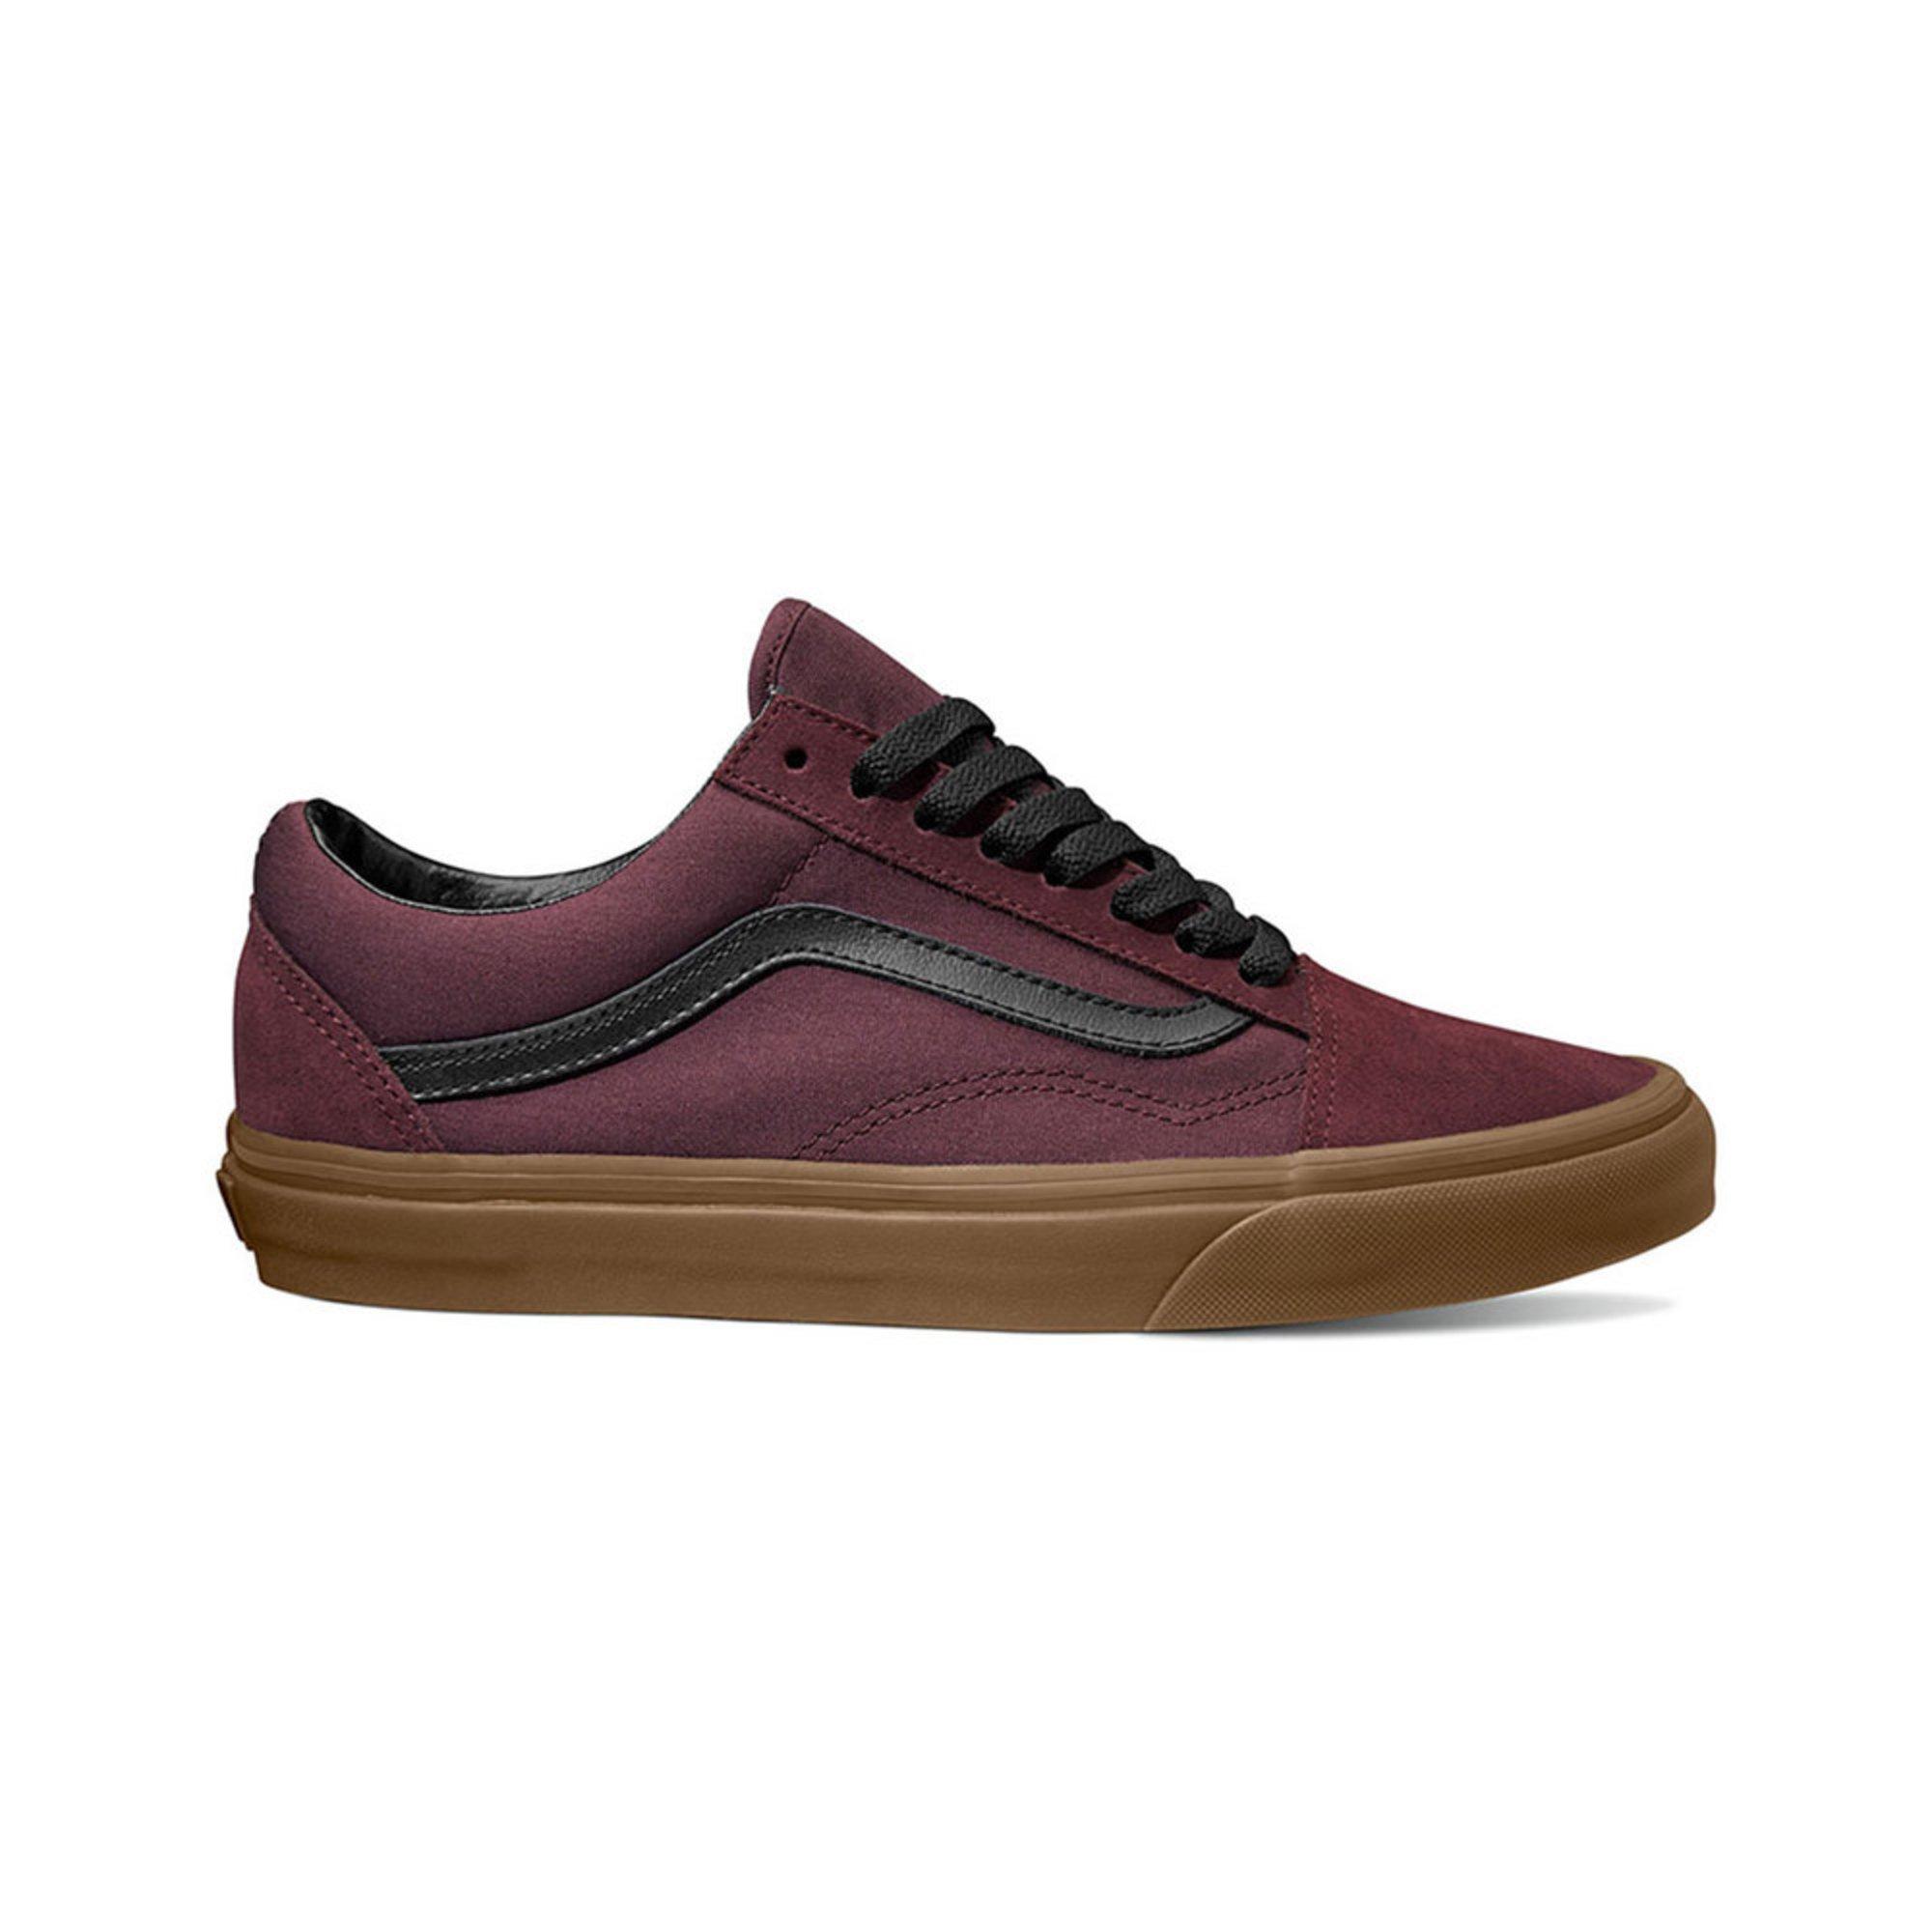 835d0aaf9f17 Vans. Vans Men s Old Skool Skate Shoe